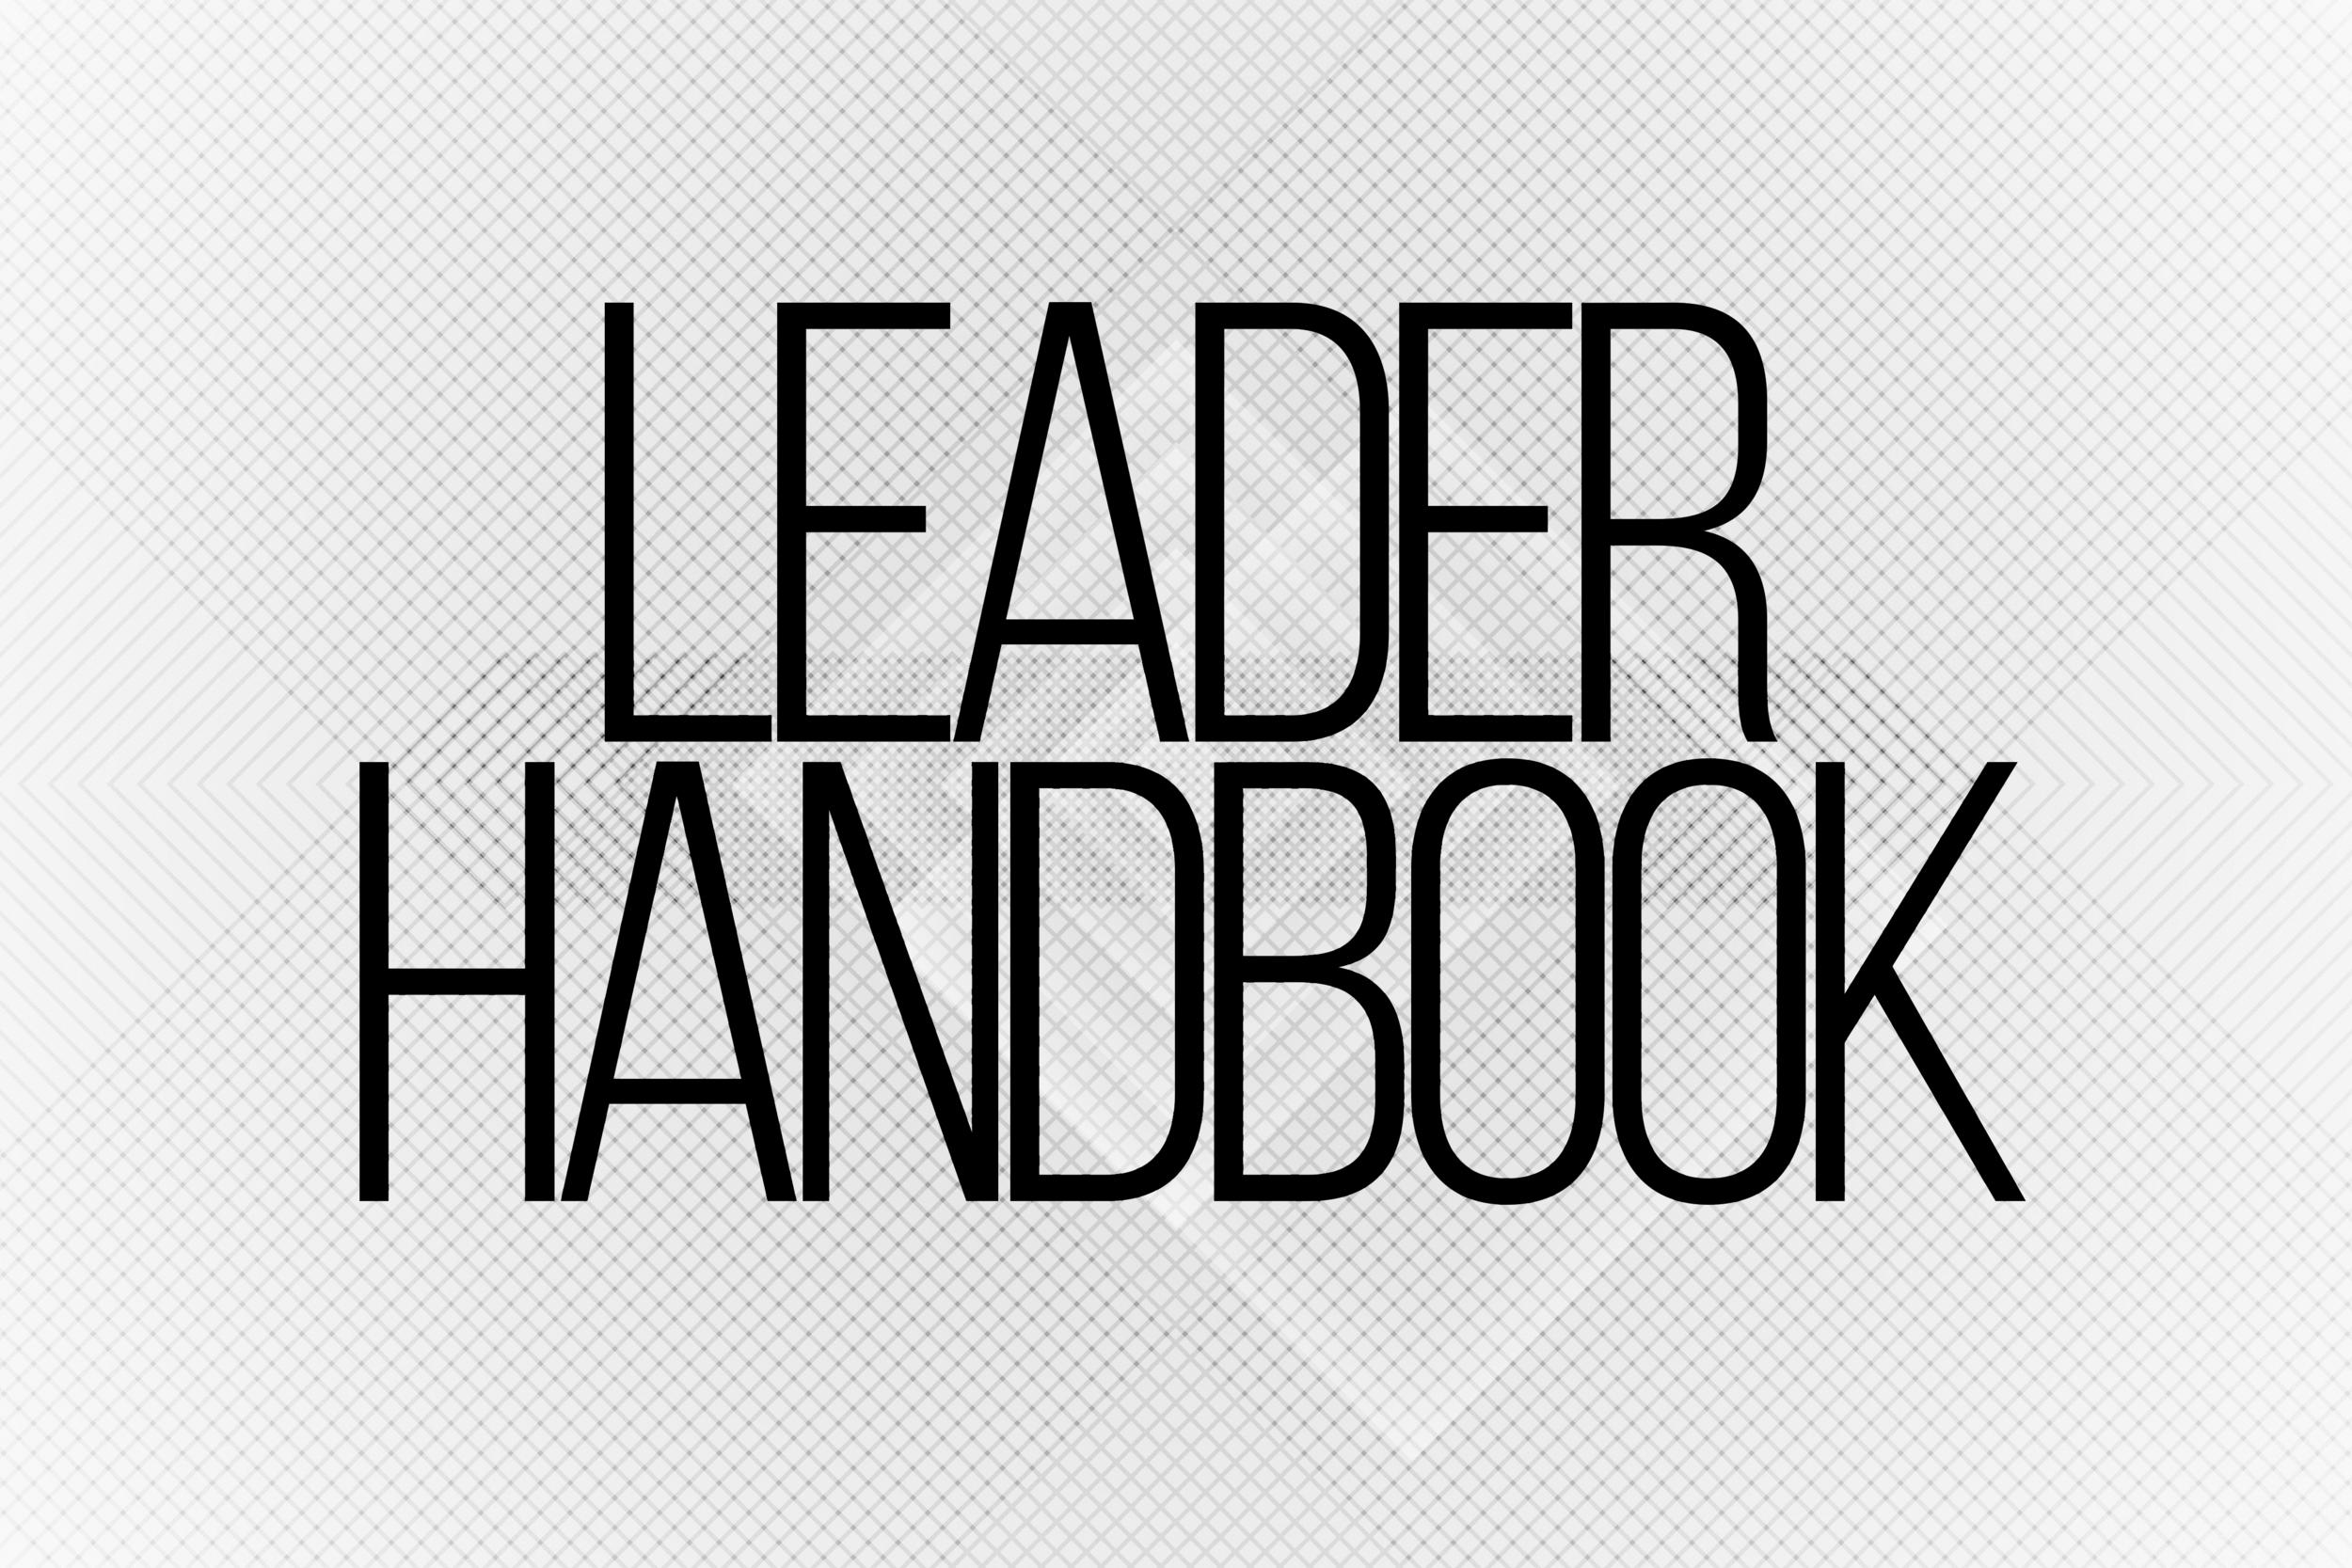 handbook-min.png